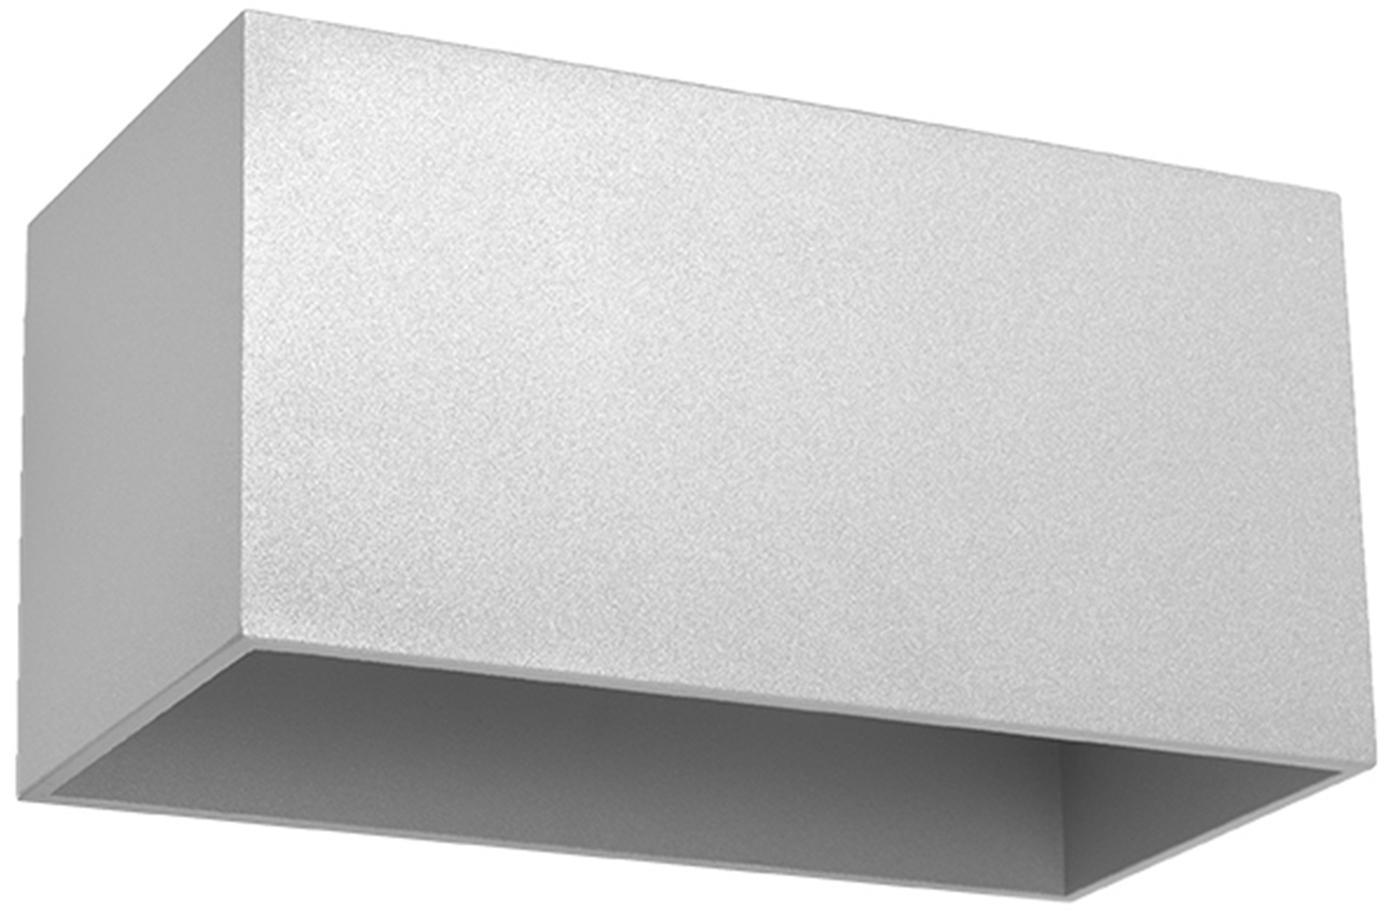 Wandleuchte Geo Maxi, Aluminium, Grau, 20 x 10 cm